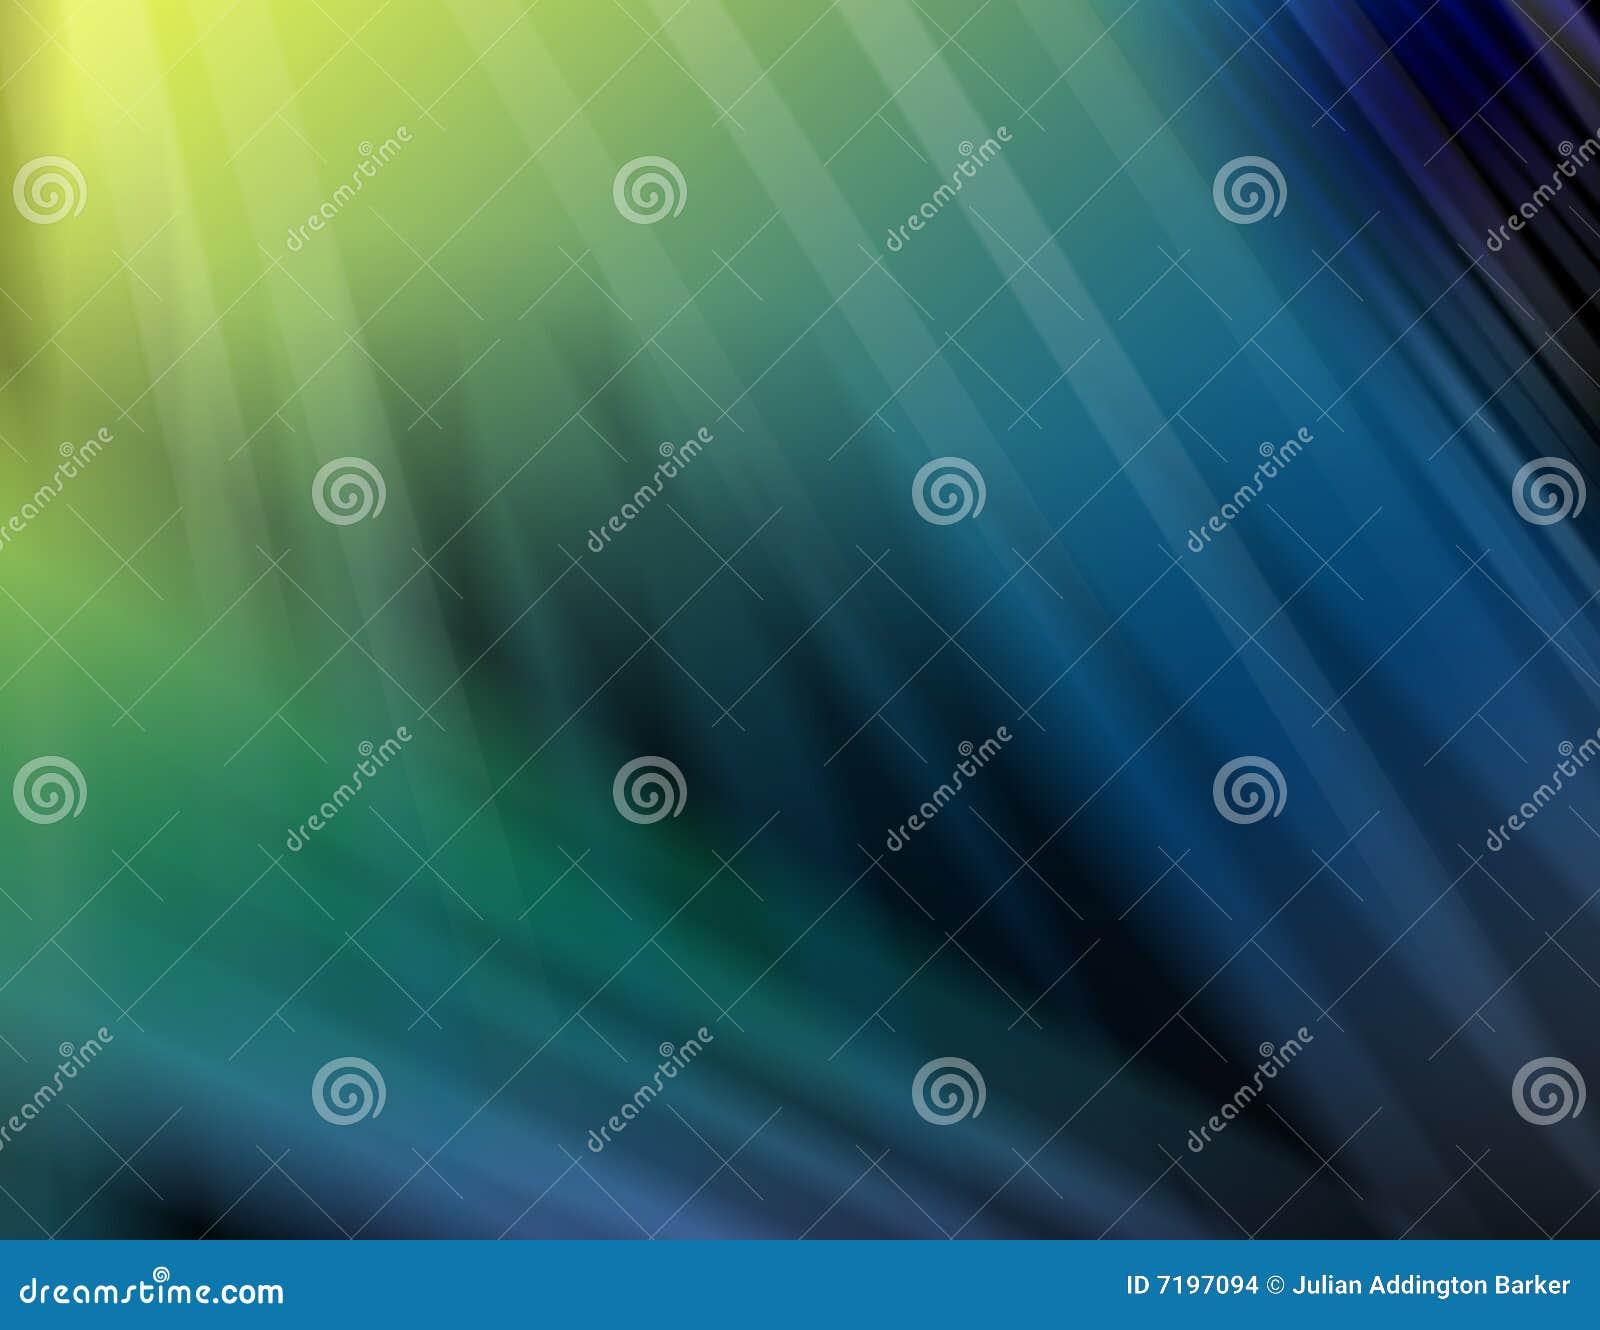 抽象蓝绿色树荫